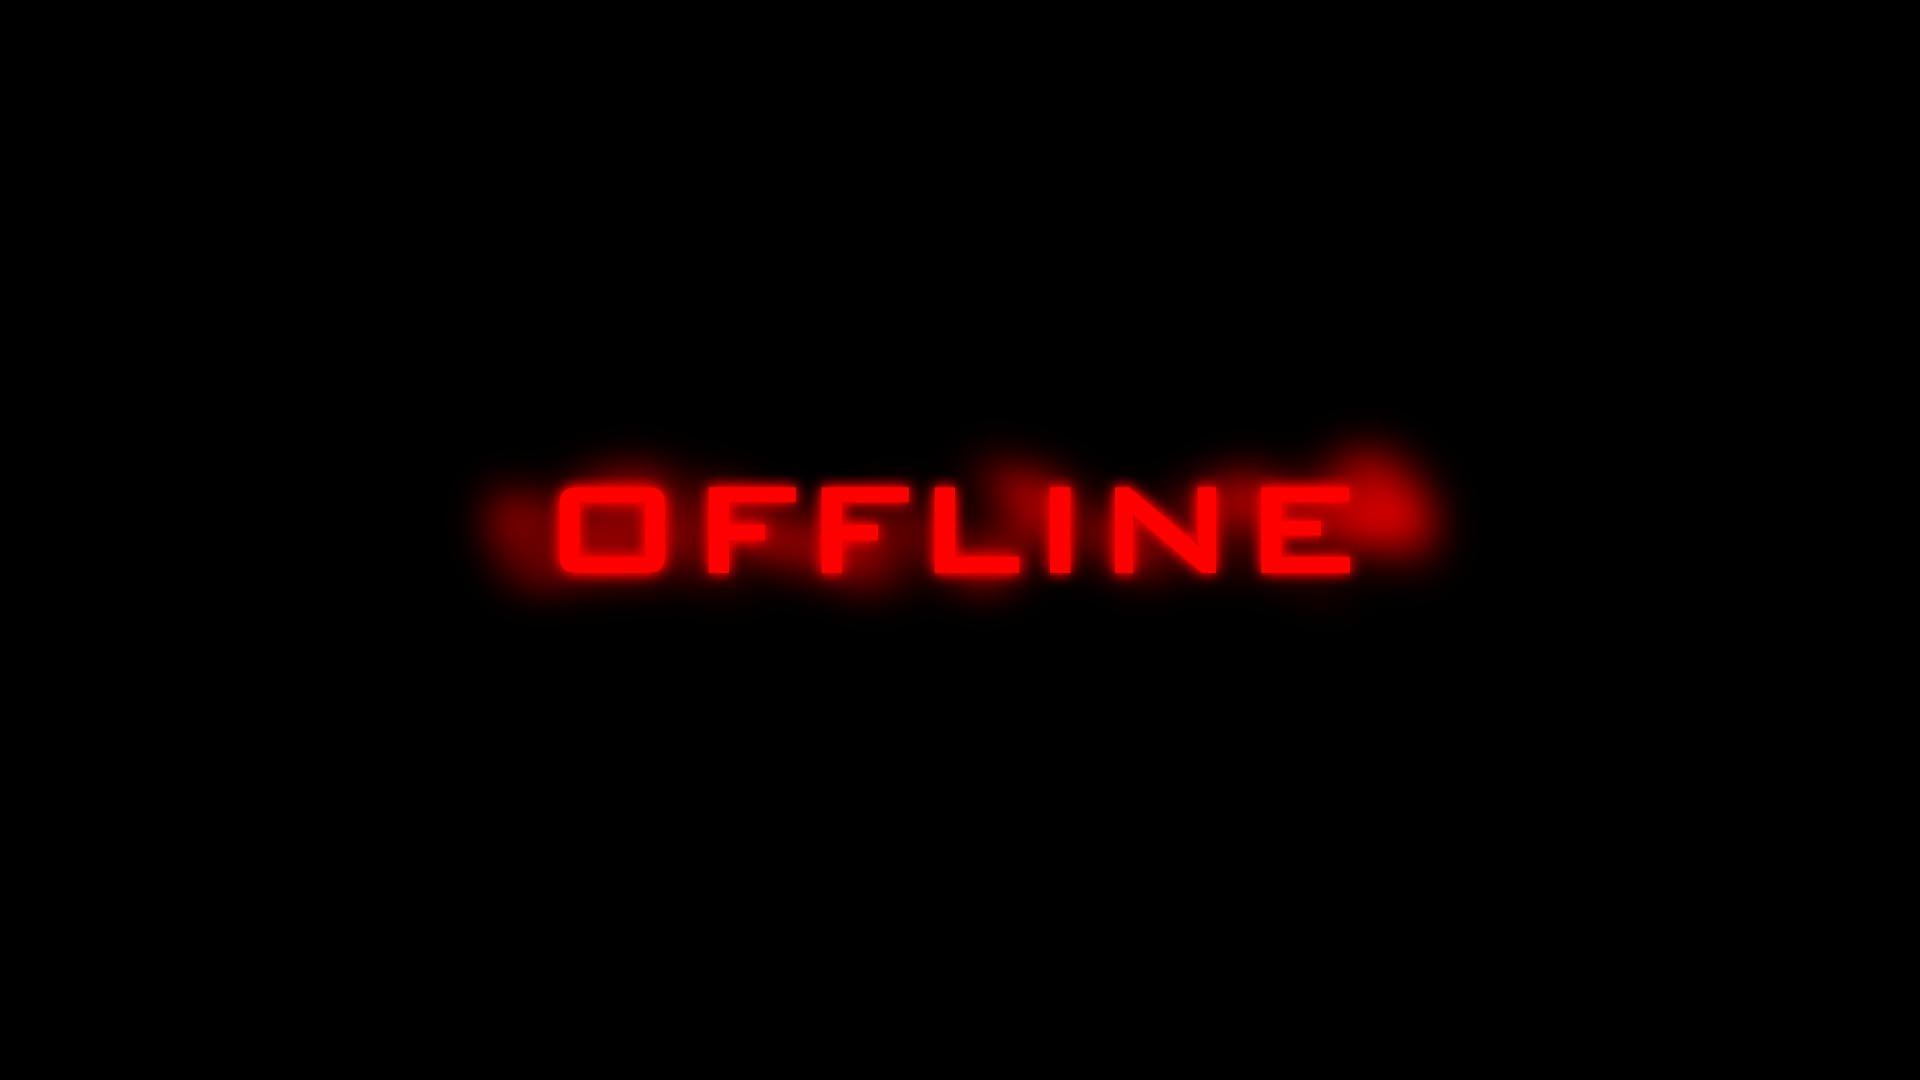 Offline Image Offline